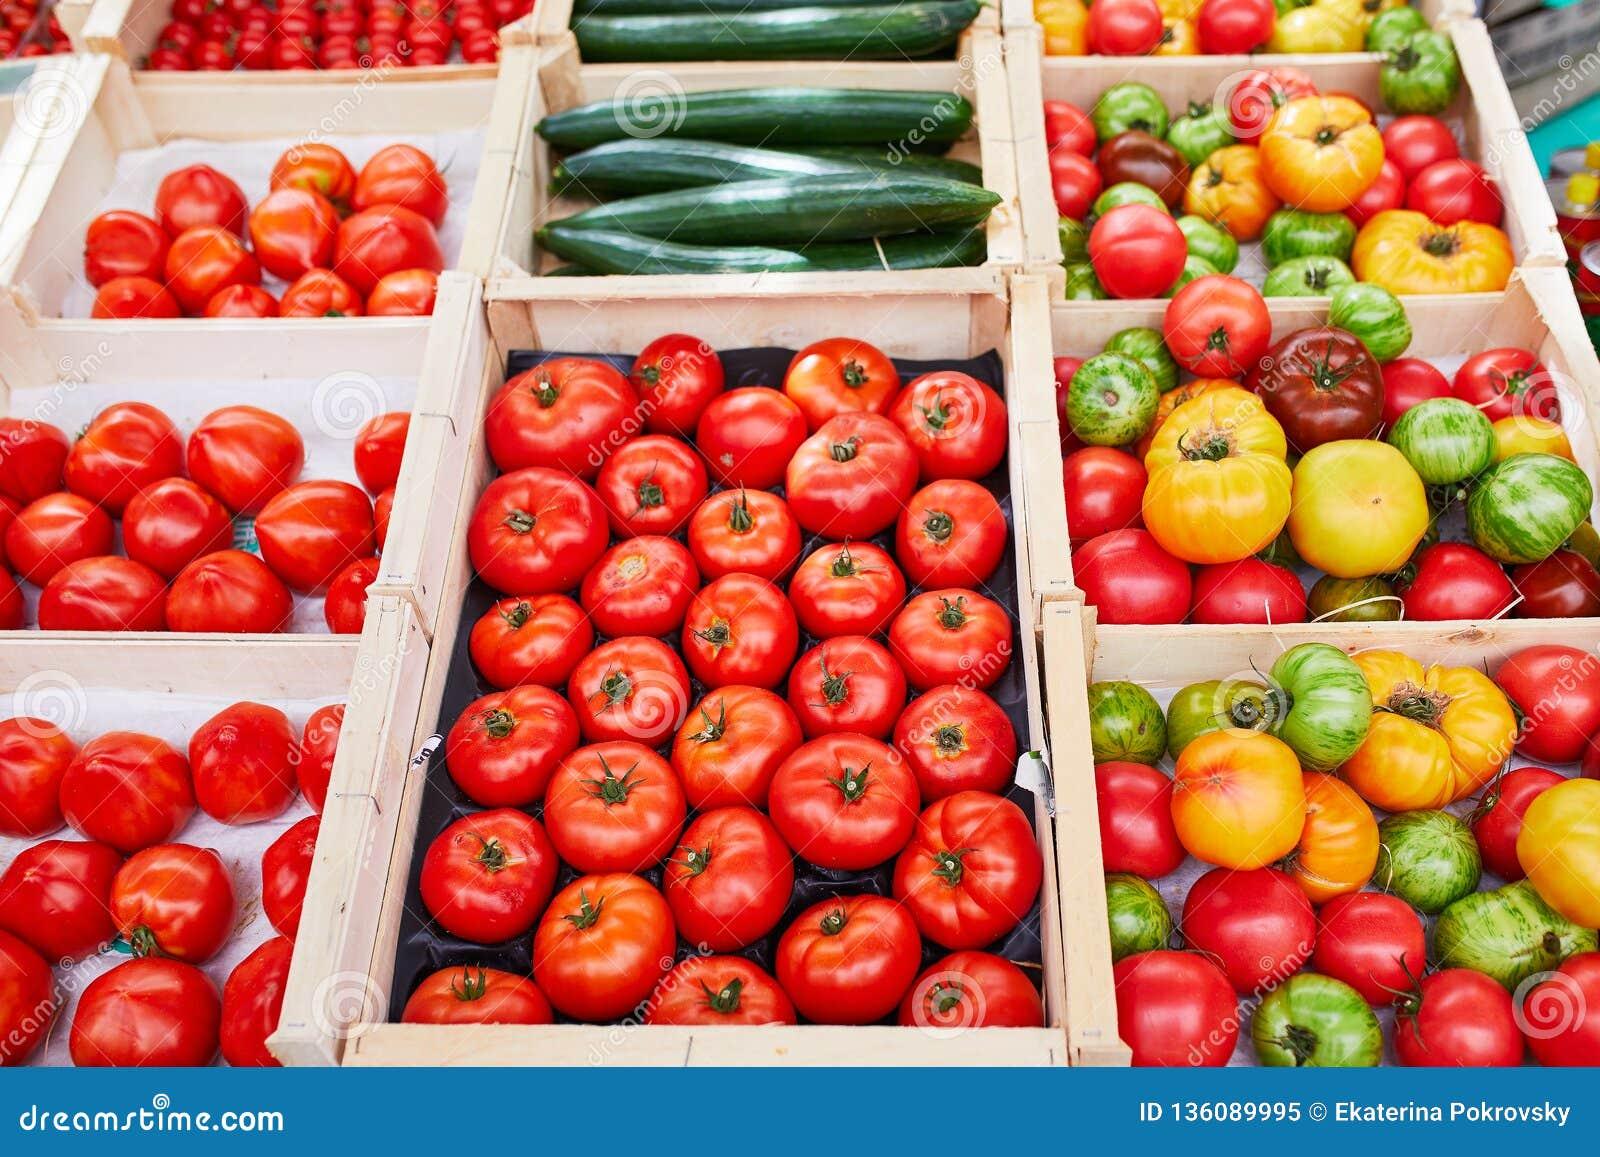 Свежие здоровые био фрукты и овощи на рынке фермера